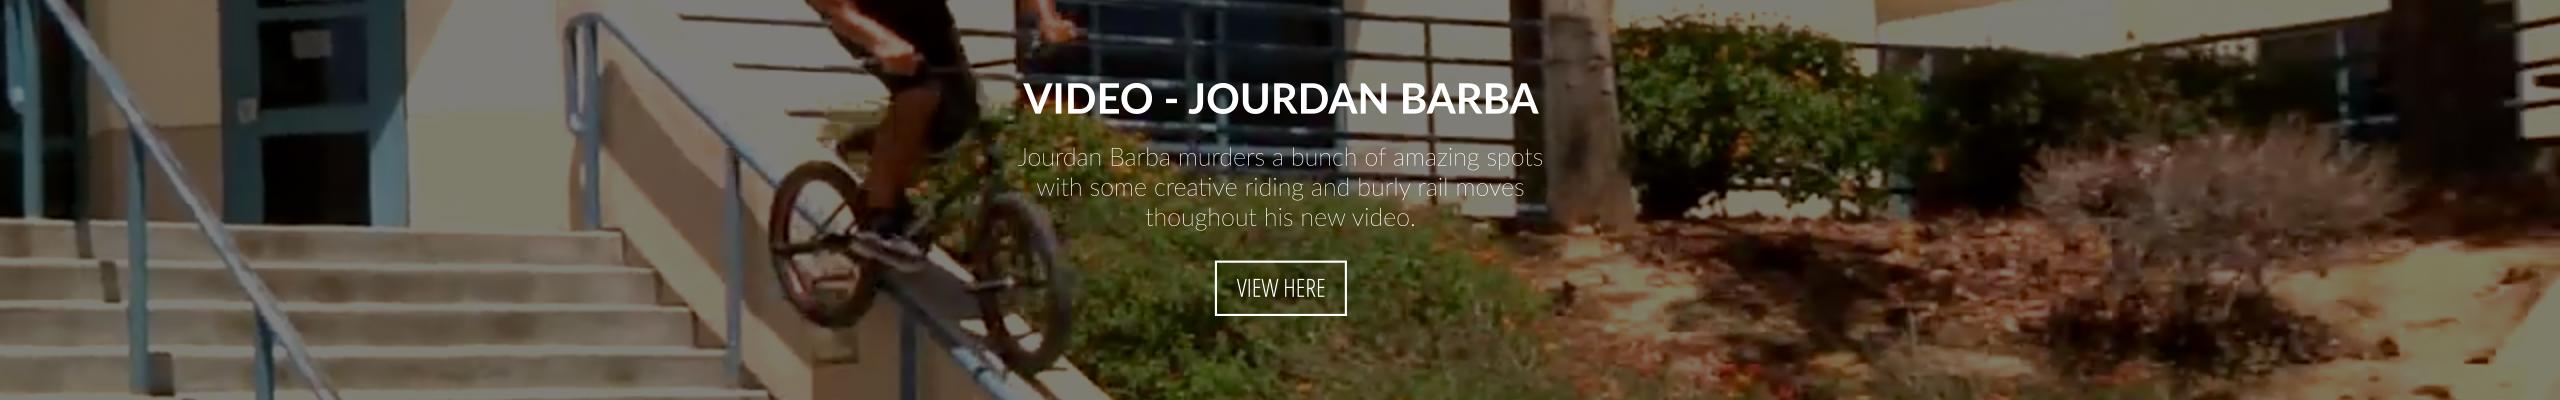 jourdan video